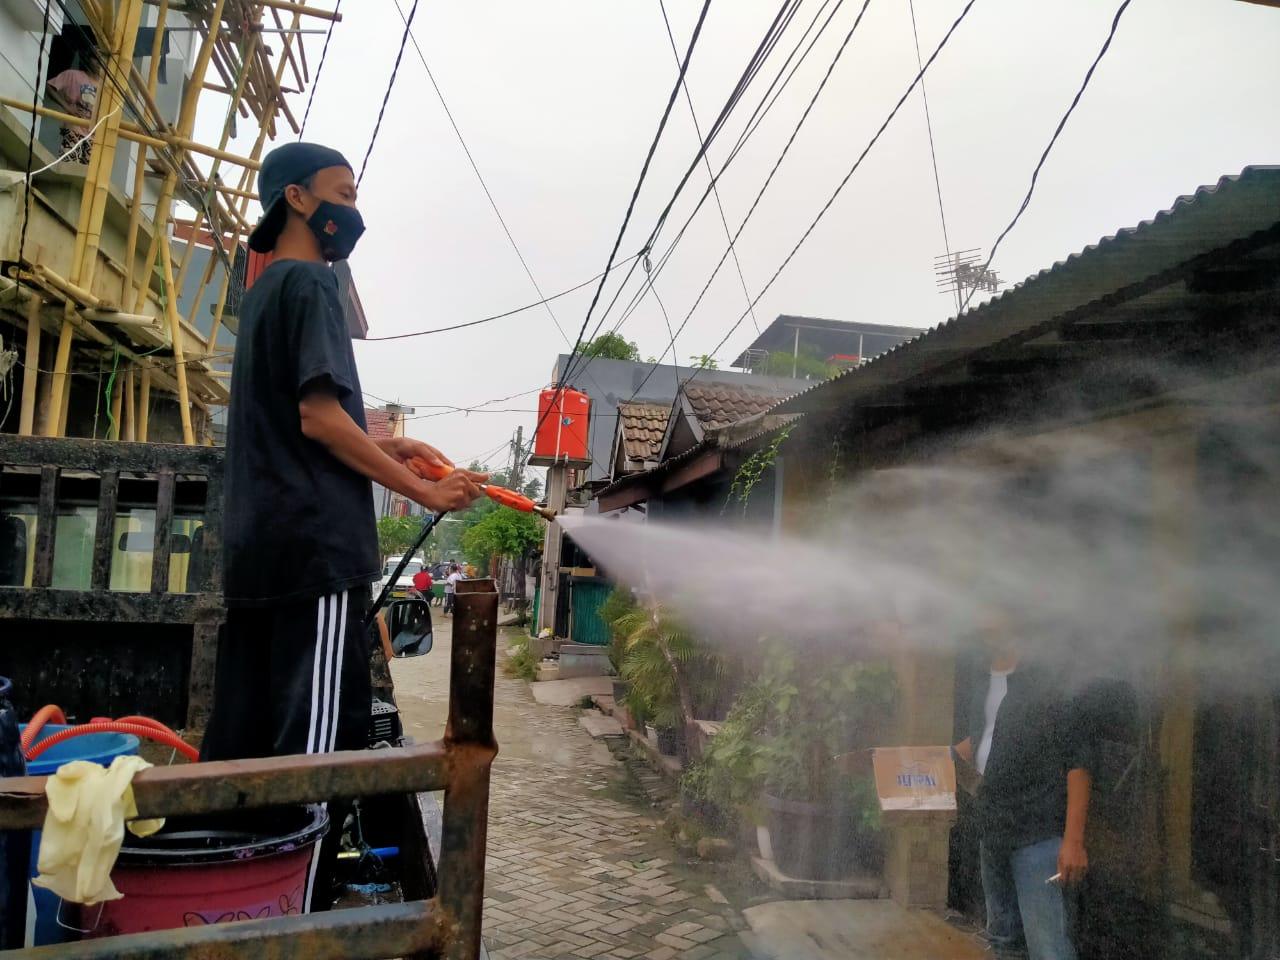 Warga Perumahan Pondok Sejahtera RW 10 Kelurahan Kuta Baru Kecamatan Pasar Kemis, lakukan penyemprotan disinfektan disetiap rumah, Sabtu 19 Juni 2021.